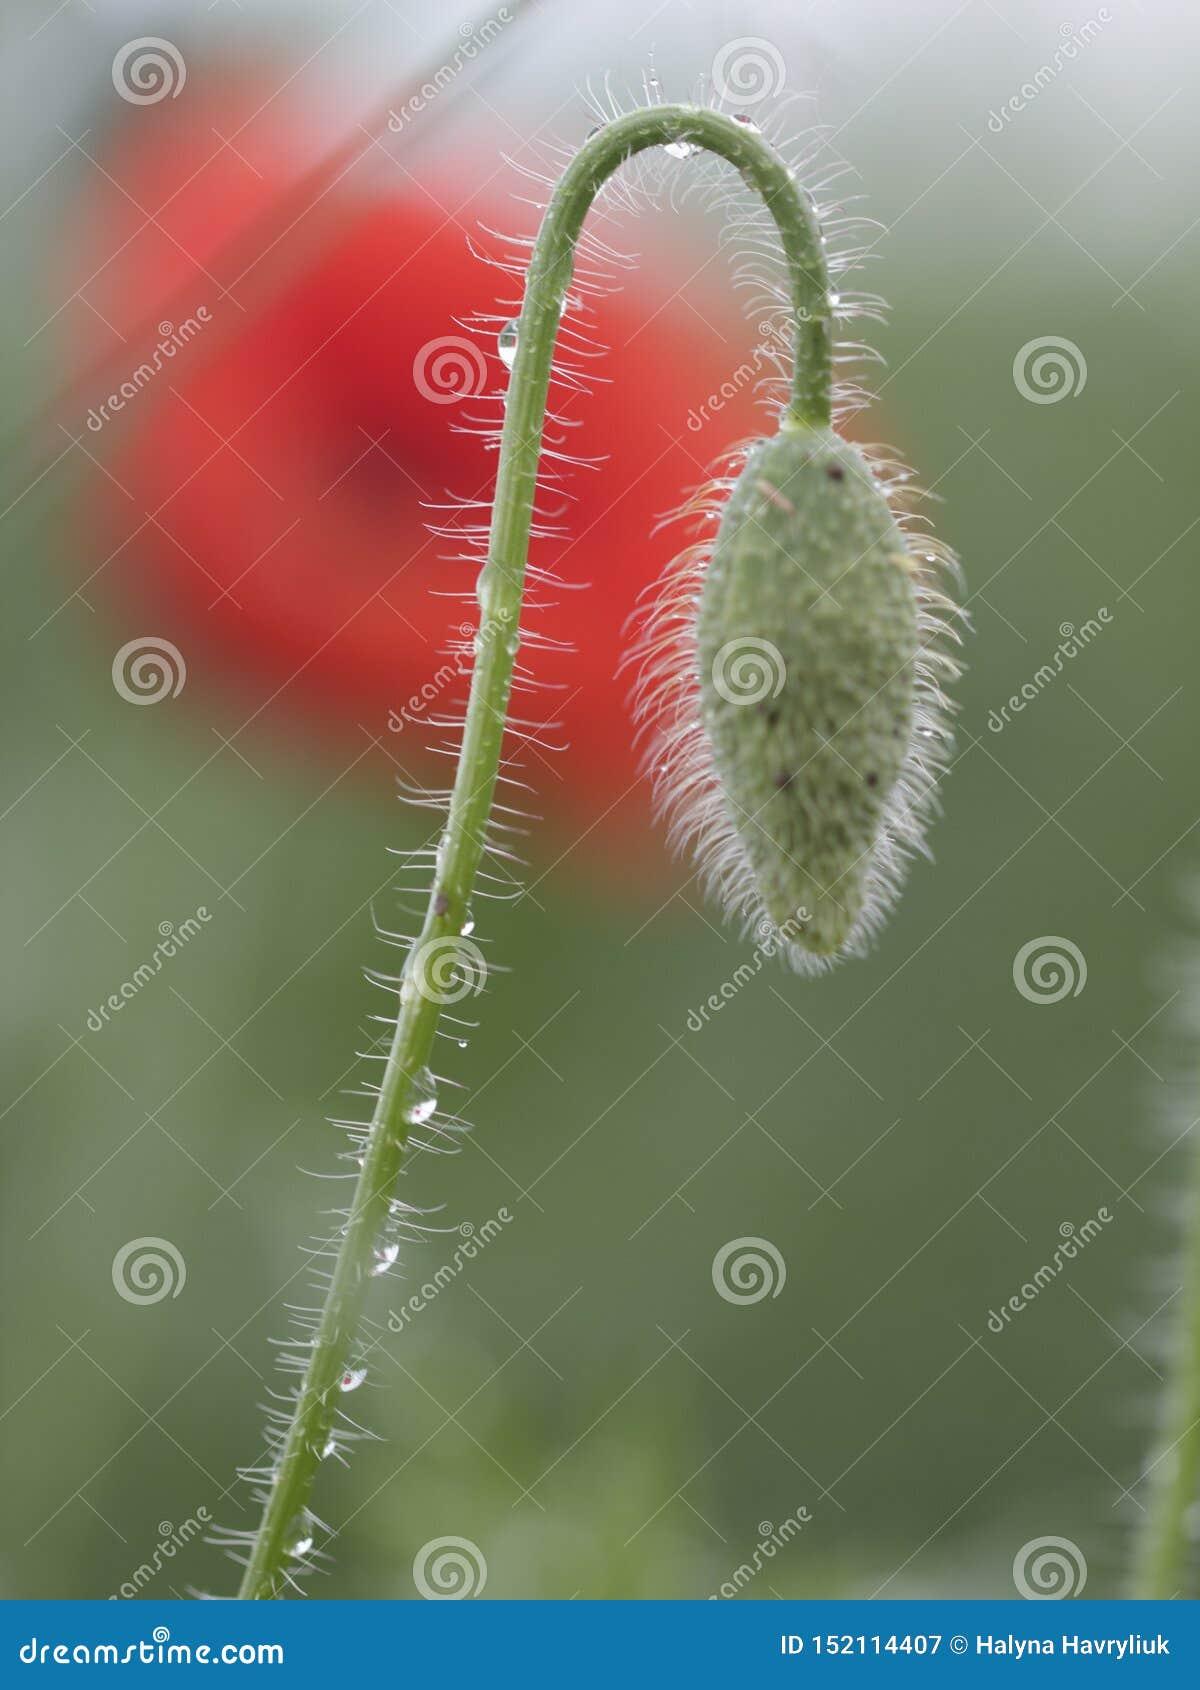 Jardin, pavot, vert, fond, nature, ressort, usine, fraîche, plan rapproché, naturel, saison, bourgeon, floral, rosée, flore, l ea